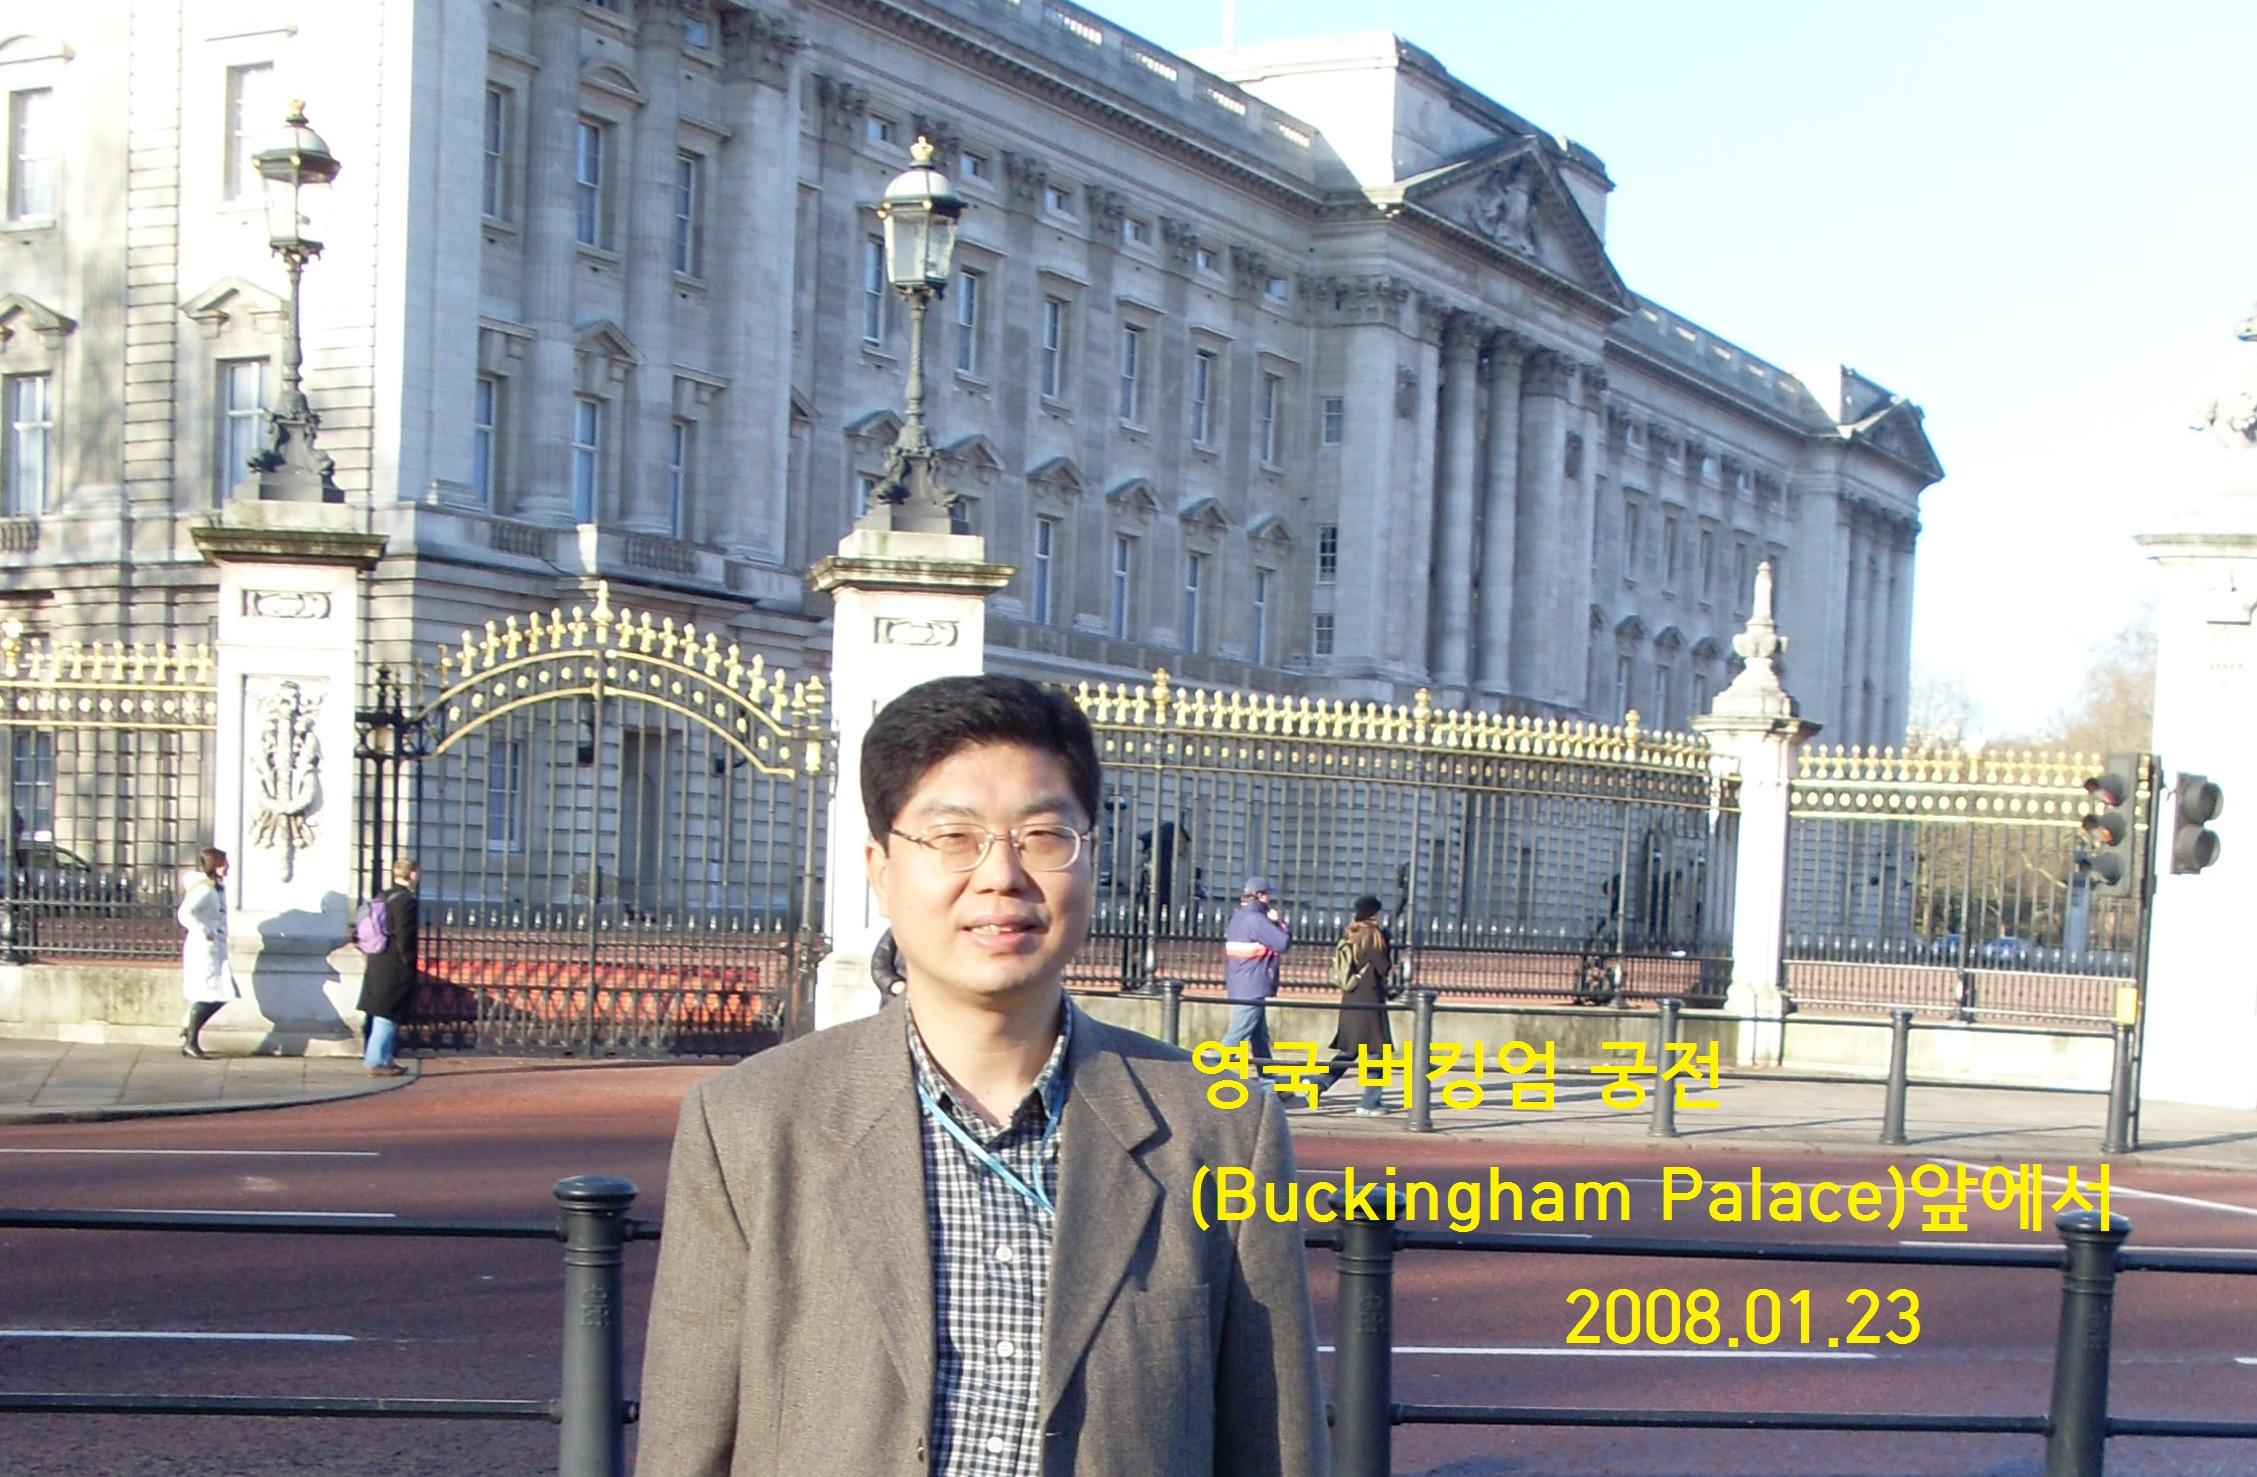 영국 버킹엄 궁전 앞에서